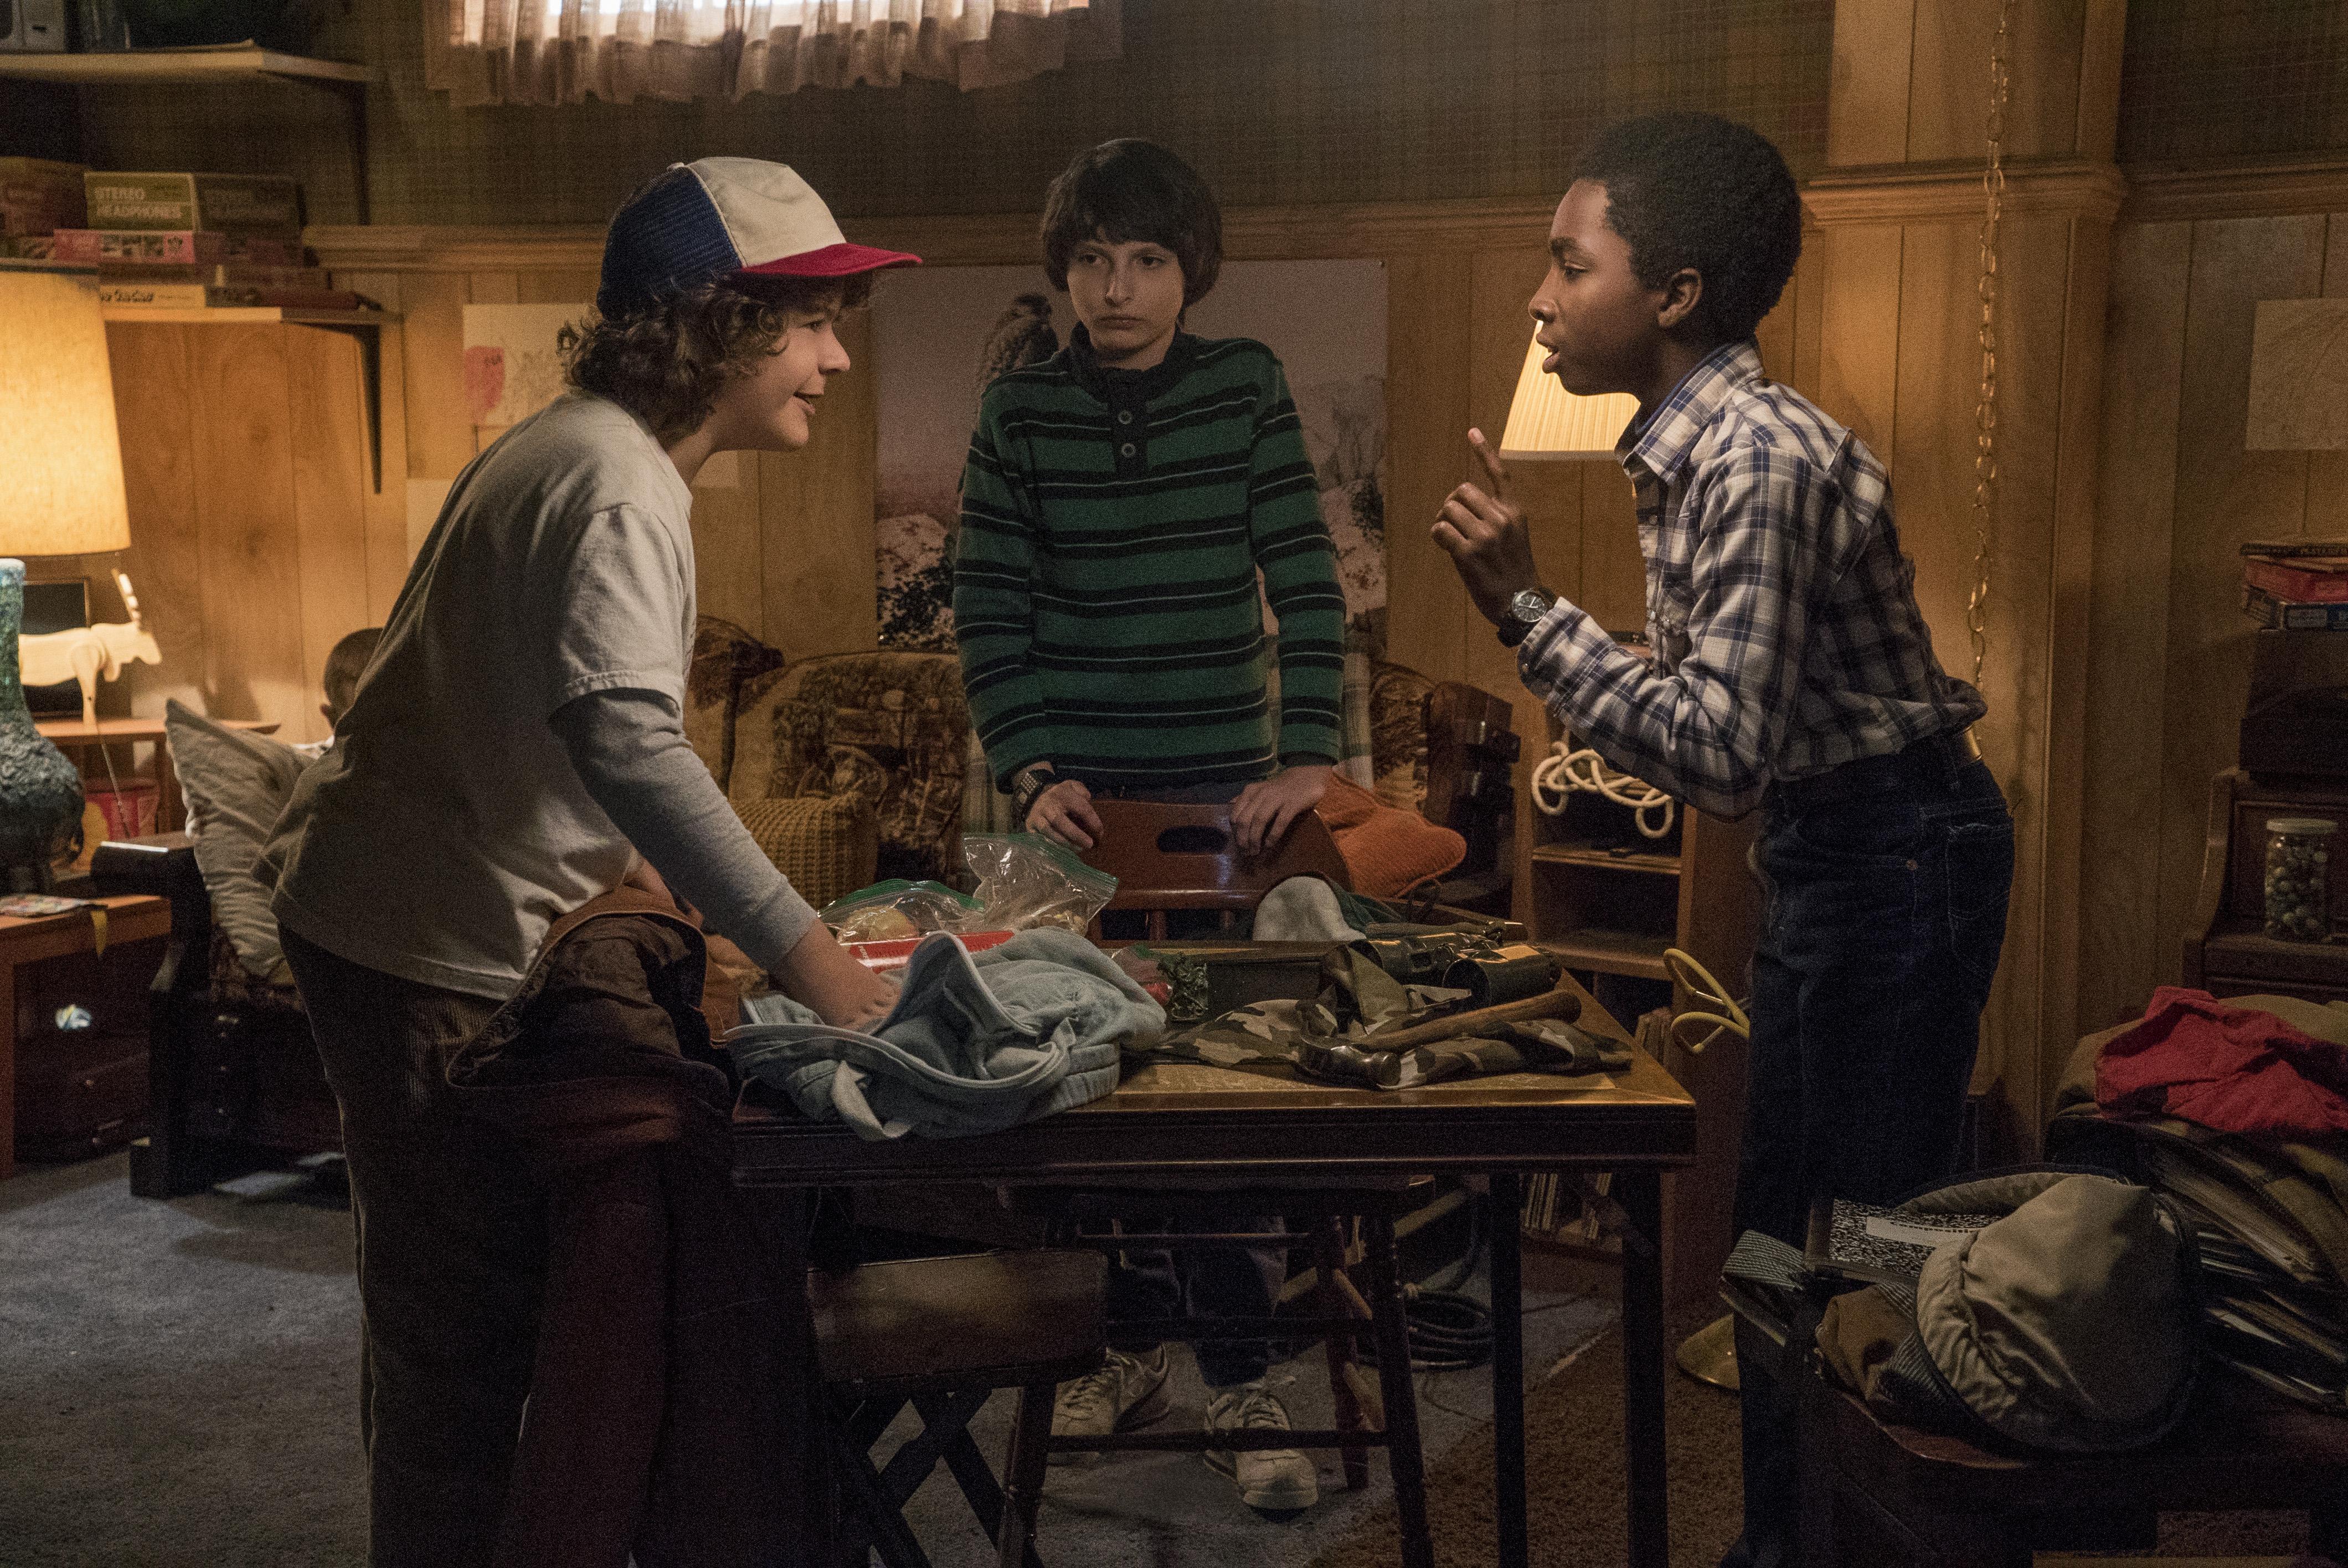 Stranger Things - Dustin, Mike, Lucas